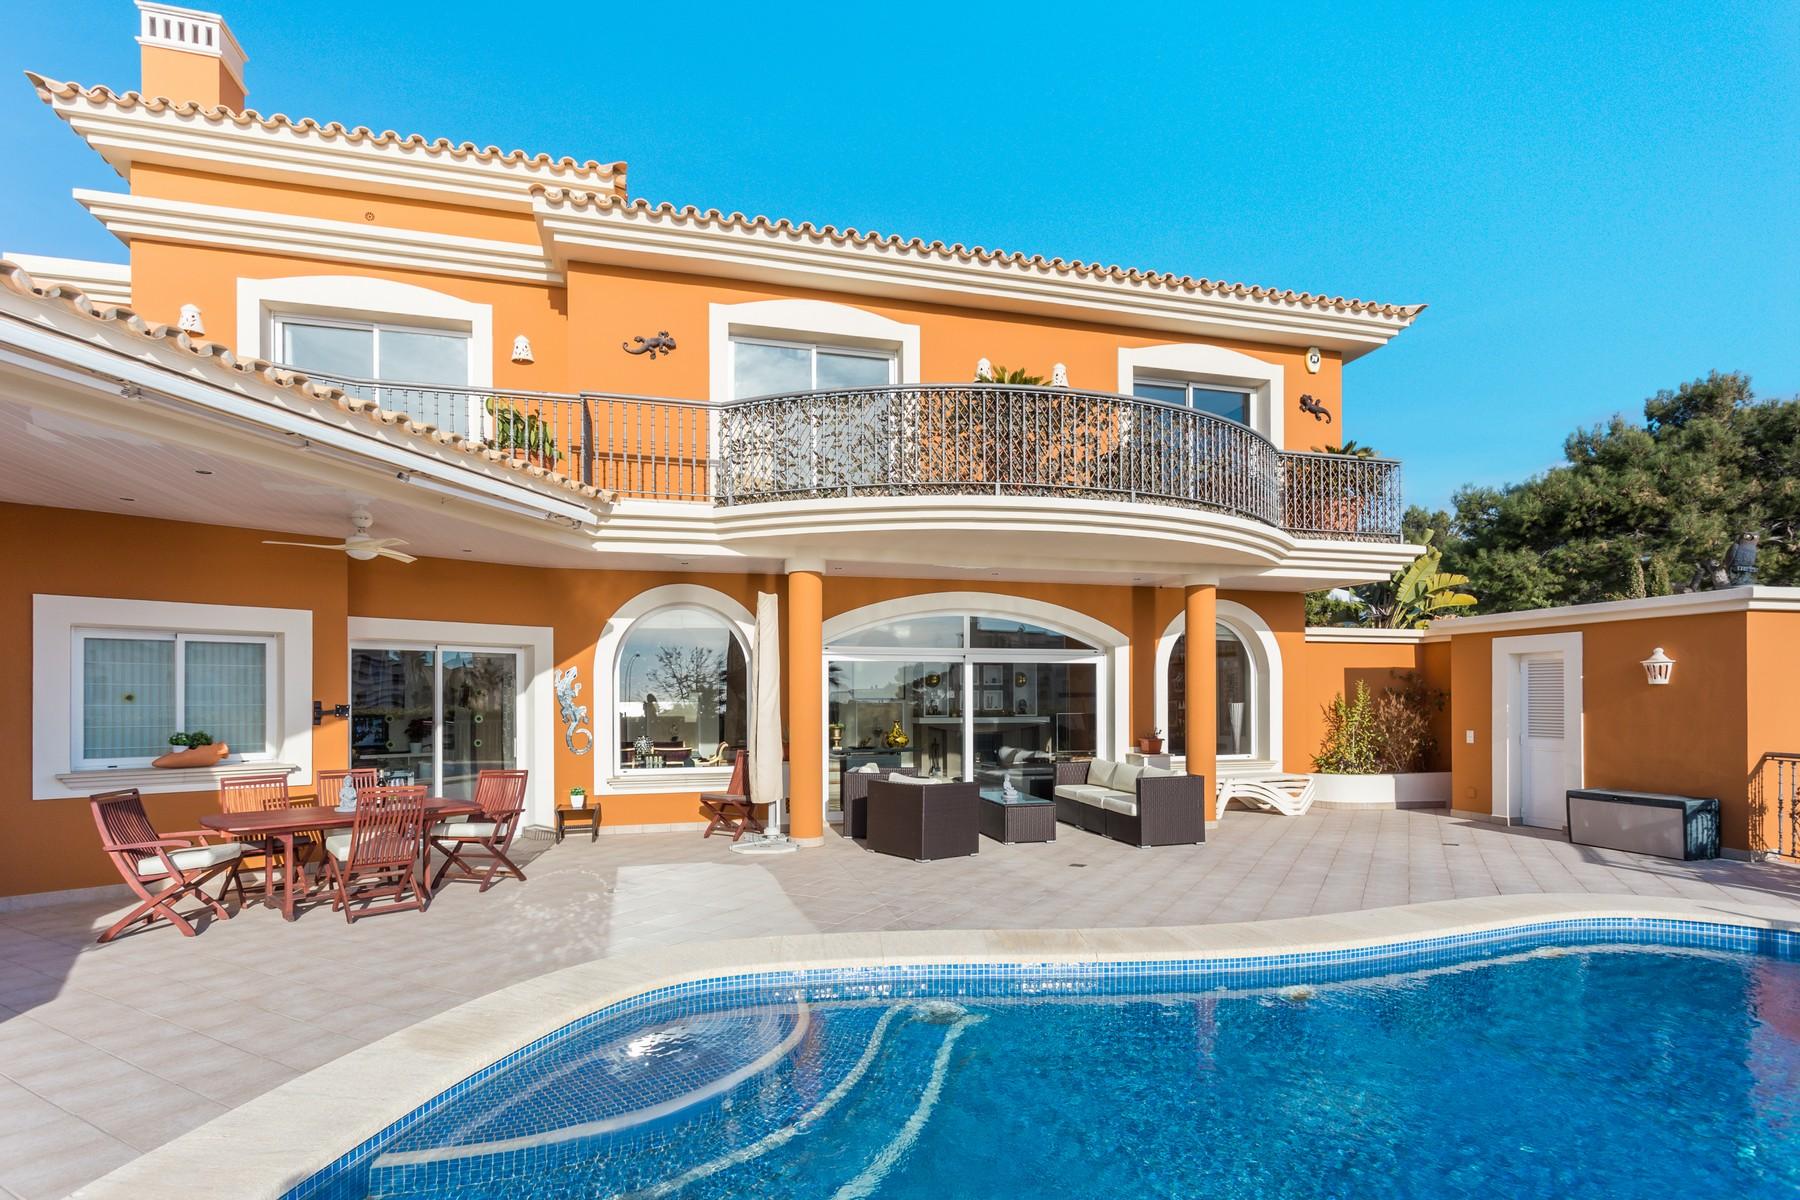 Casa Unifamiliar por un Venta en Mediterranean villa with views in Nova Santa Ponsa Santa Ponsa, Mallorca, 07180 España